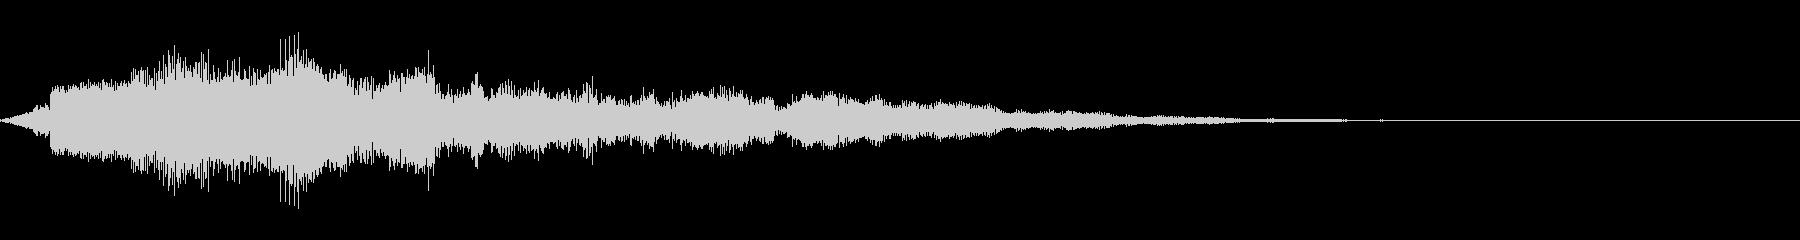 【ロゴ、ジングル】シンセ01の未再生の波形